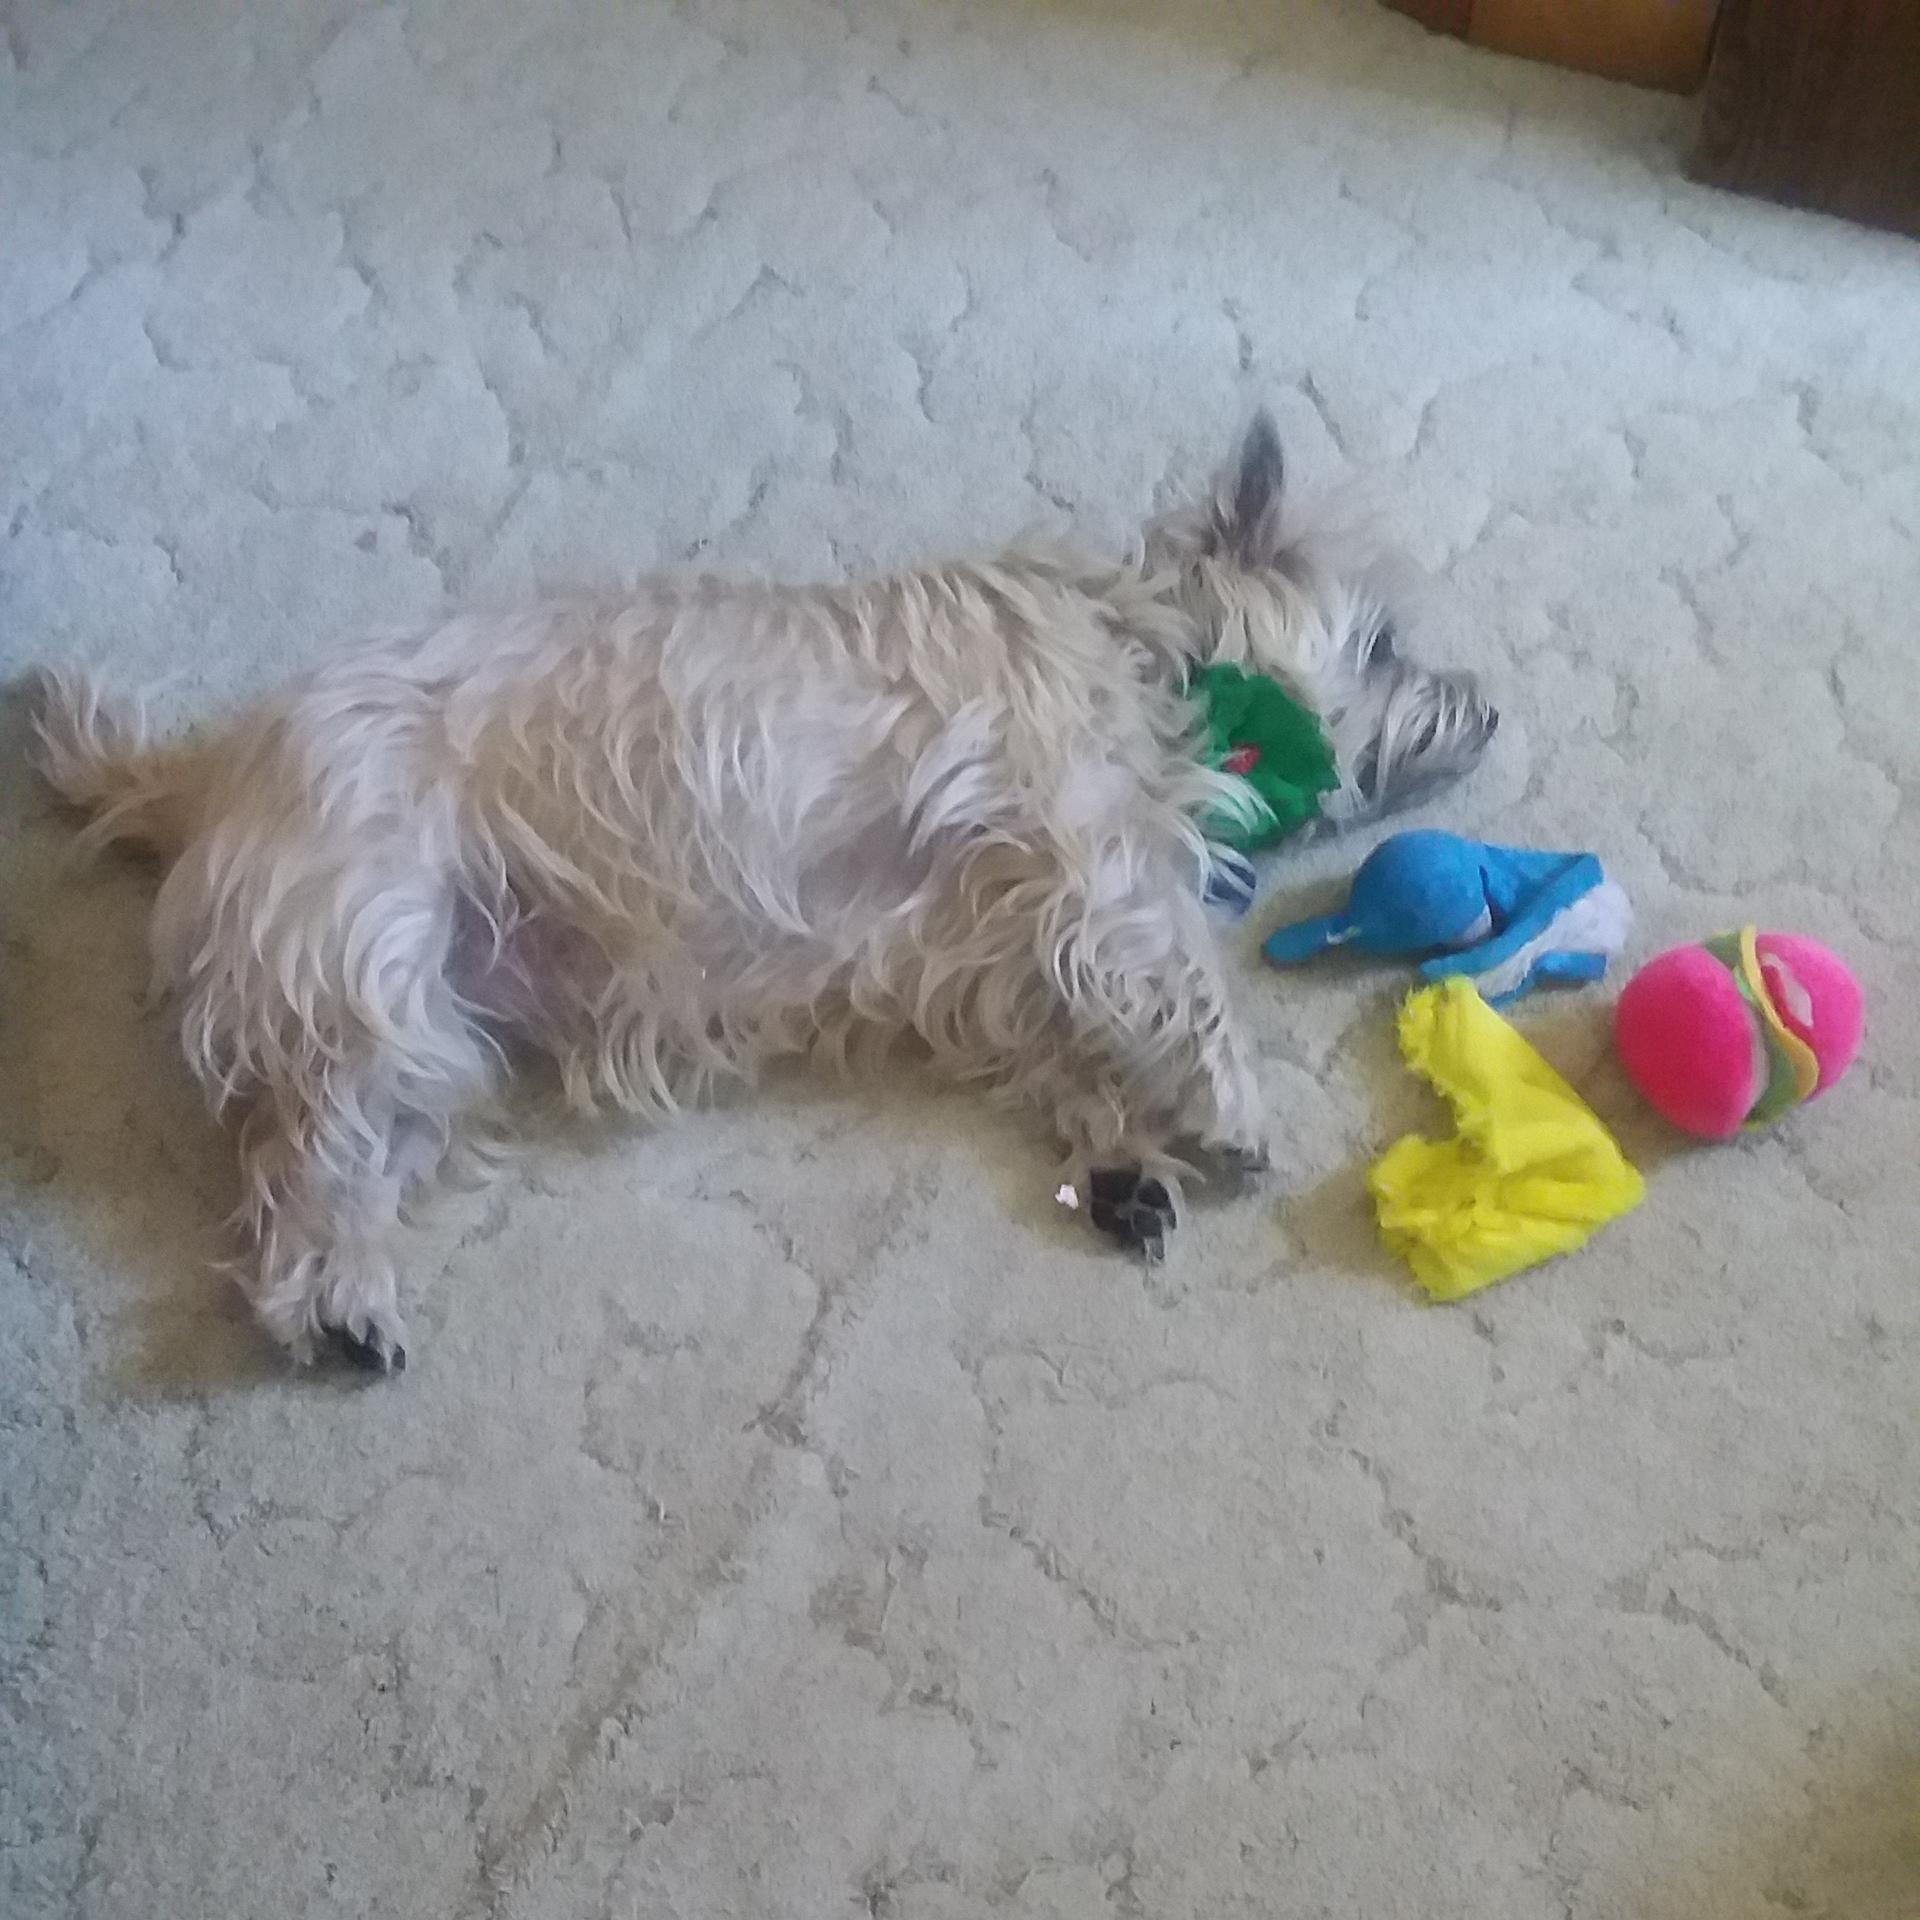 CAirn terrier lies next to stuffed toys.